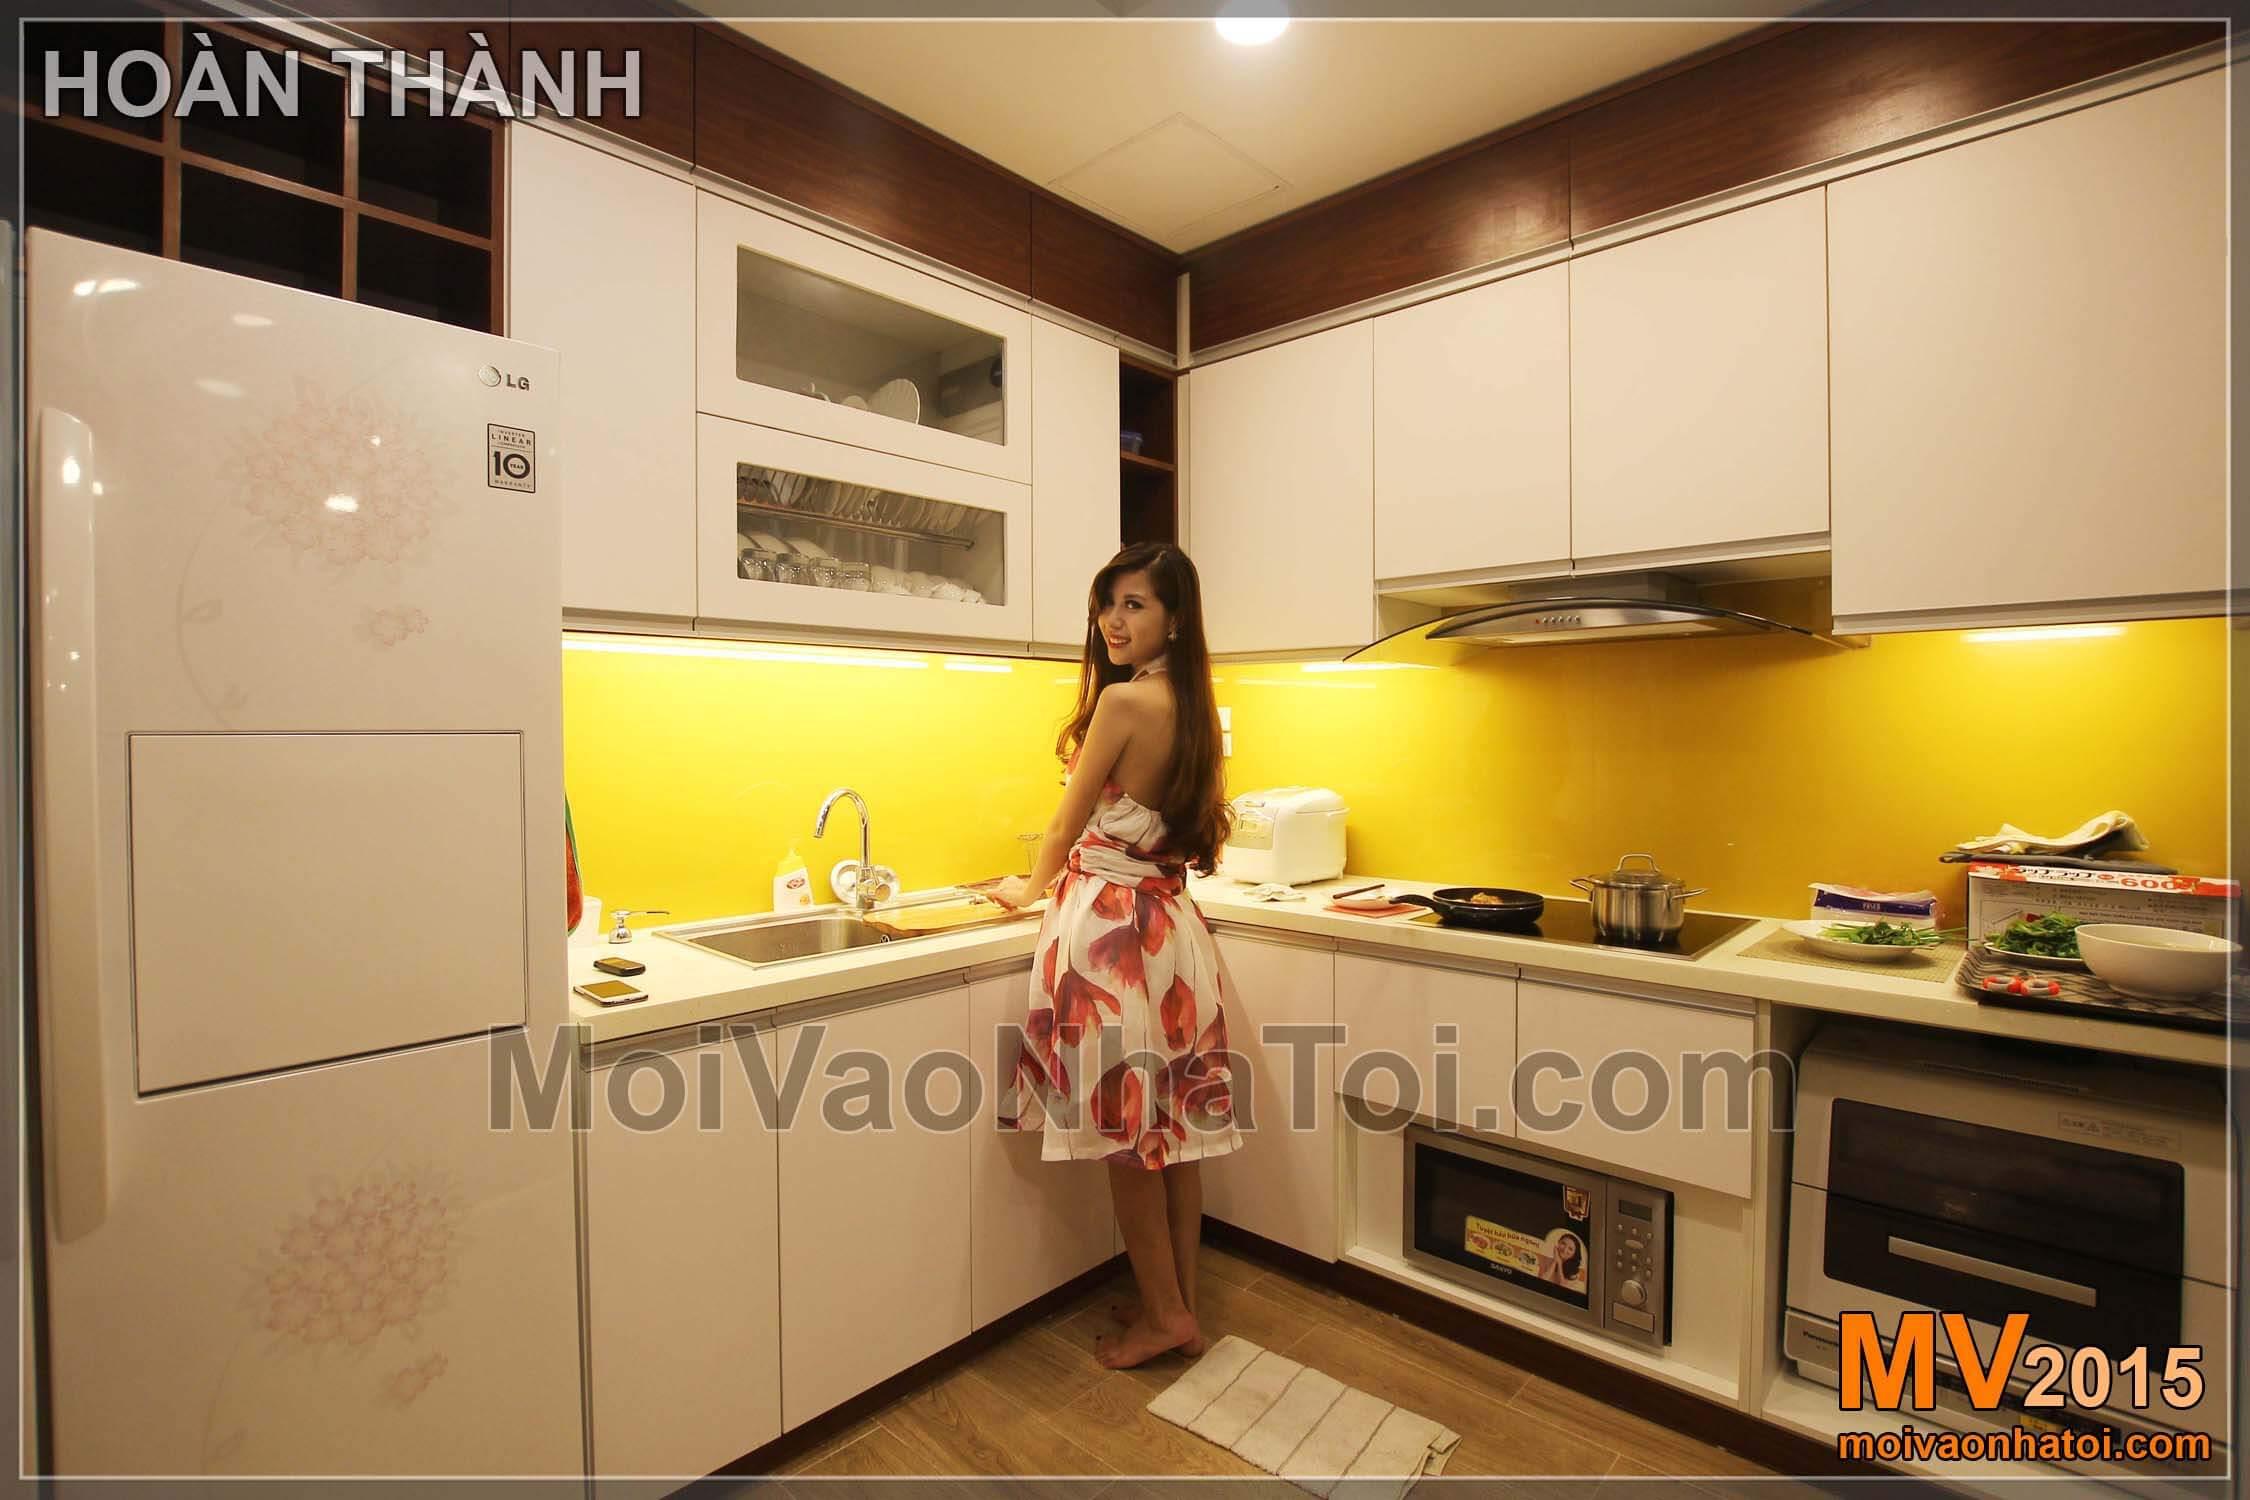 金宫公寓厨房140m2